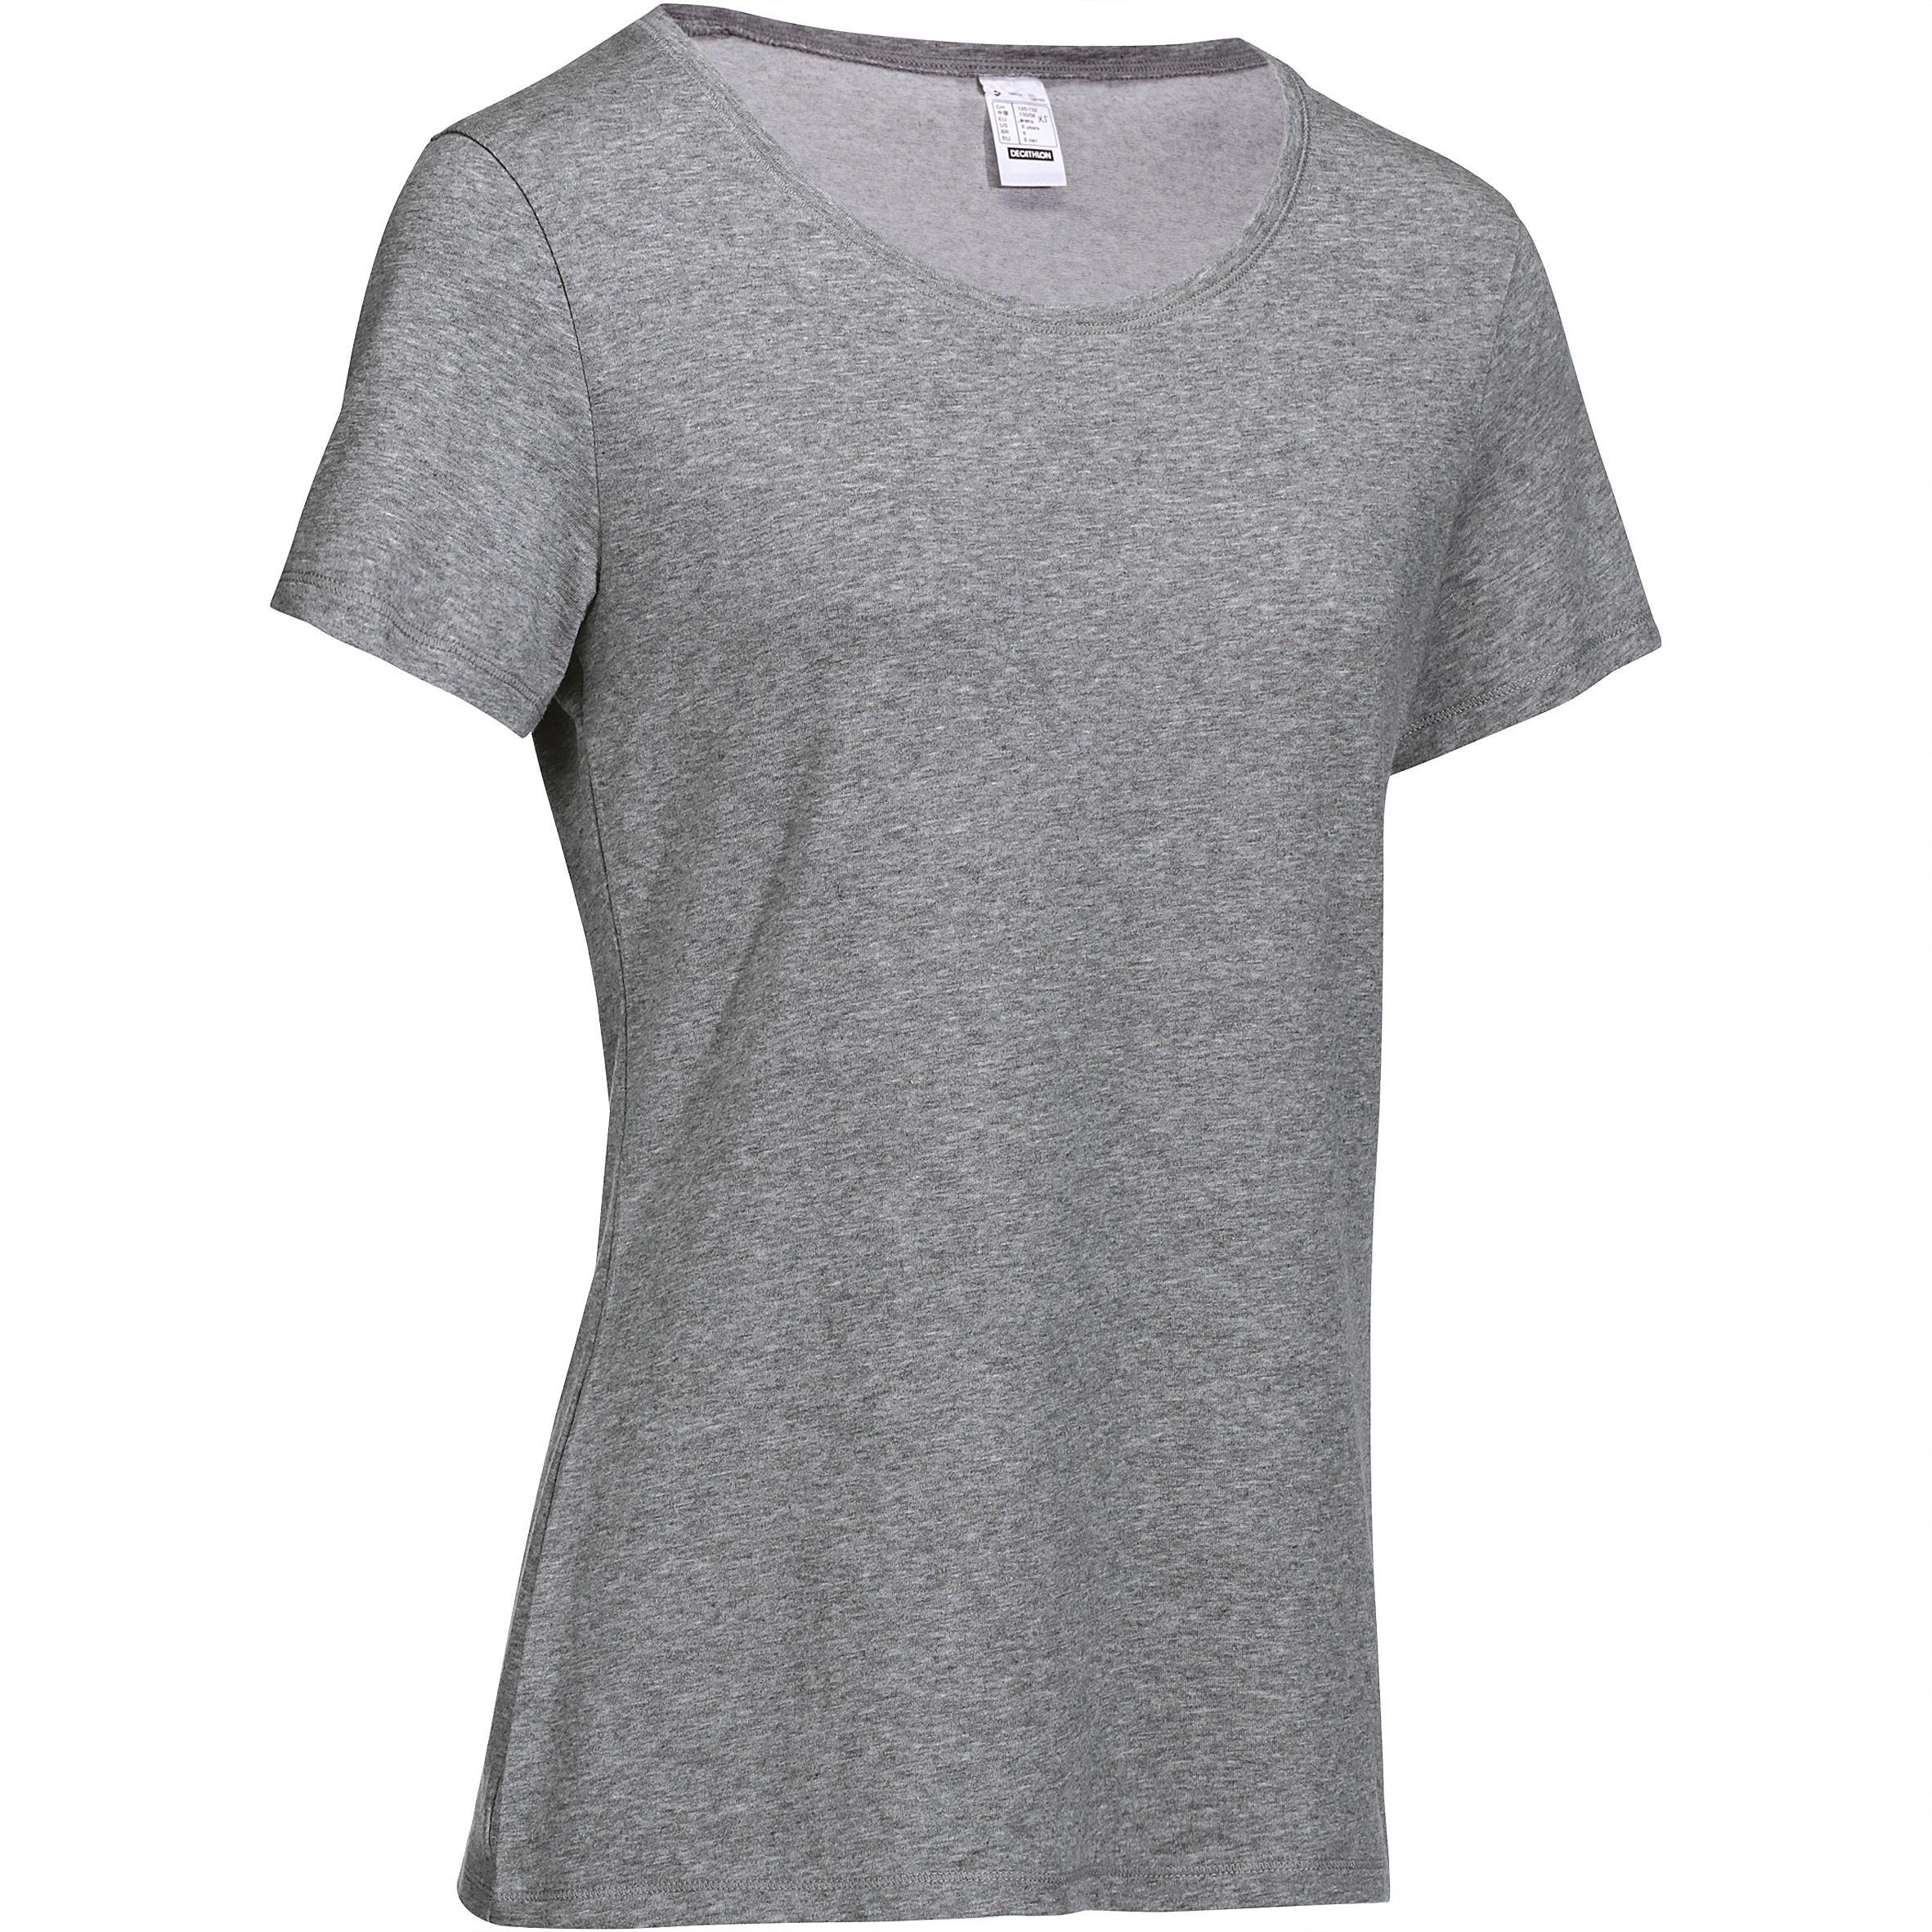 Domyos Dames T-shirt 500 voor gym en stretching regular fit gemêleerd